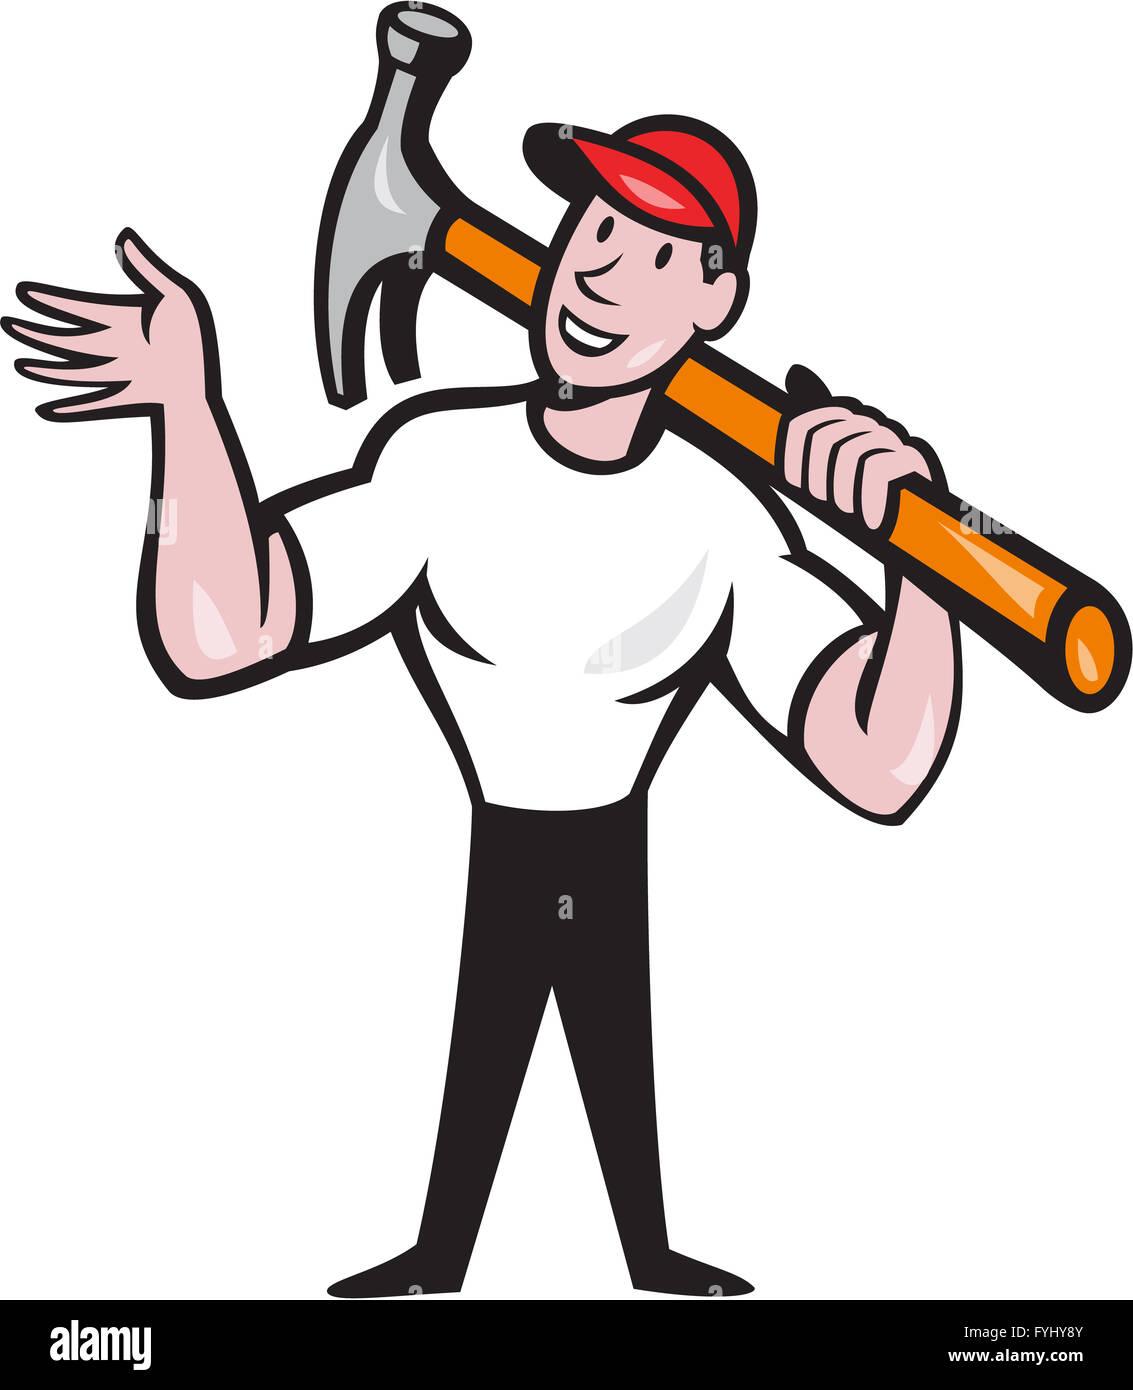 carpenter cartoon illustration stock vector art u0026 illustration